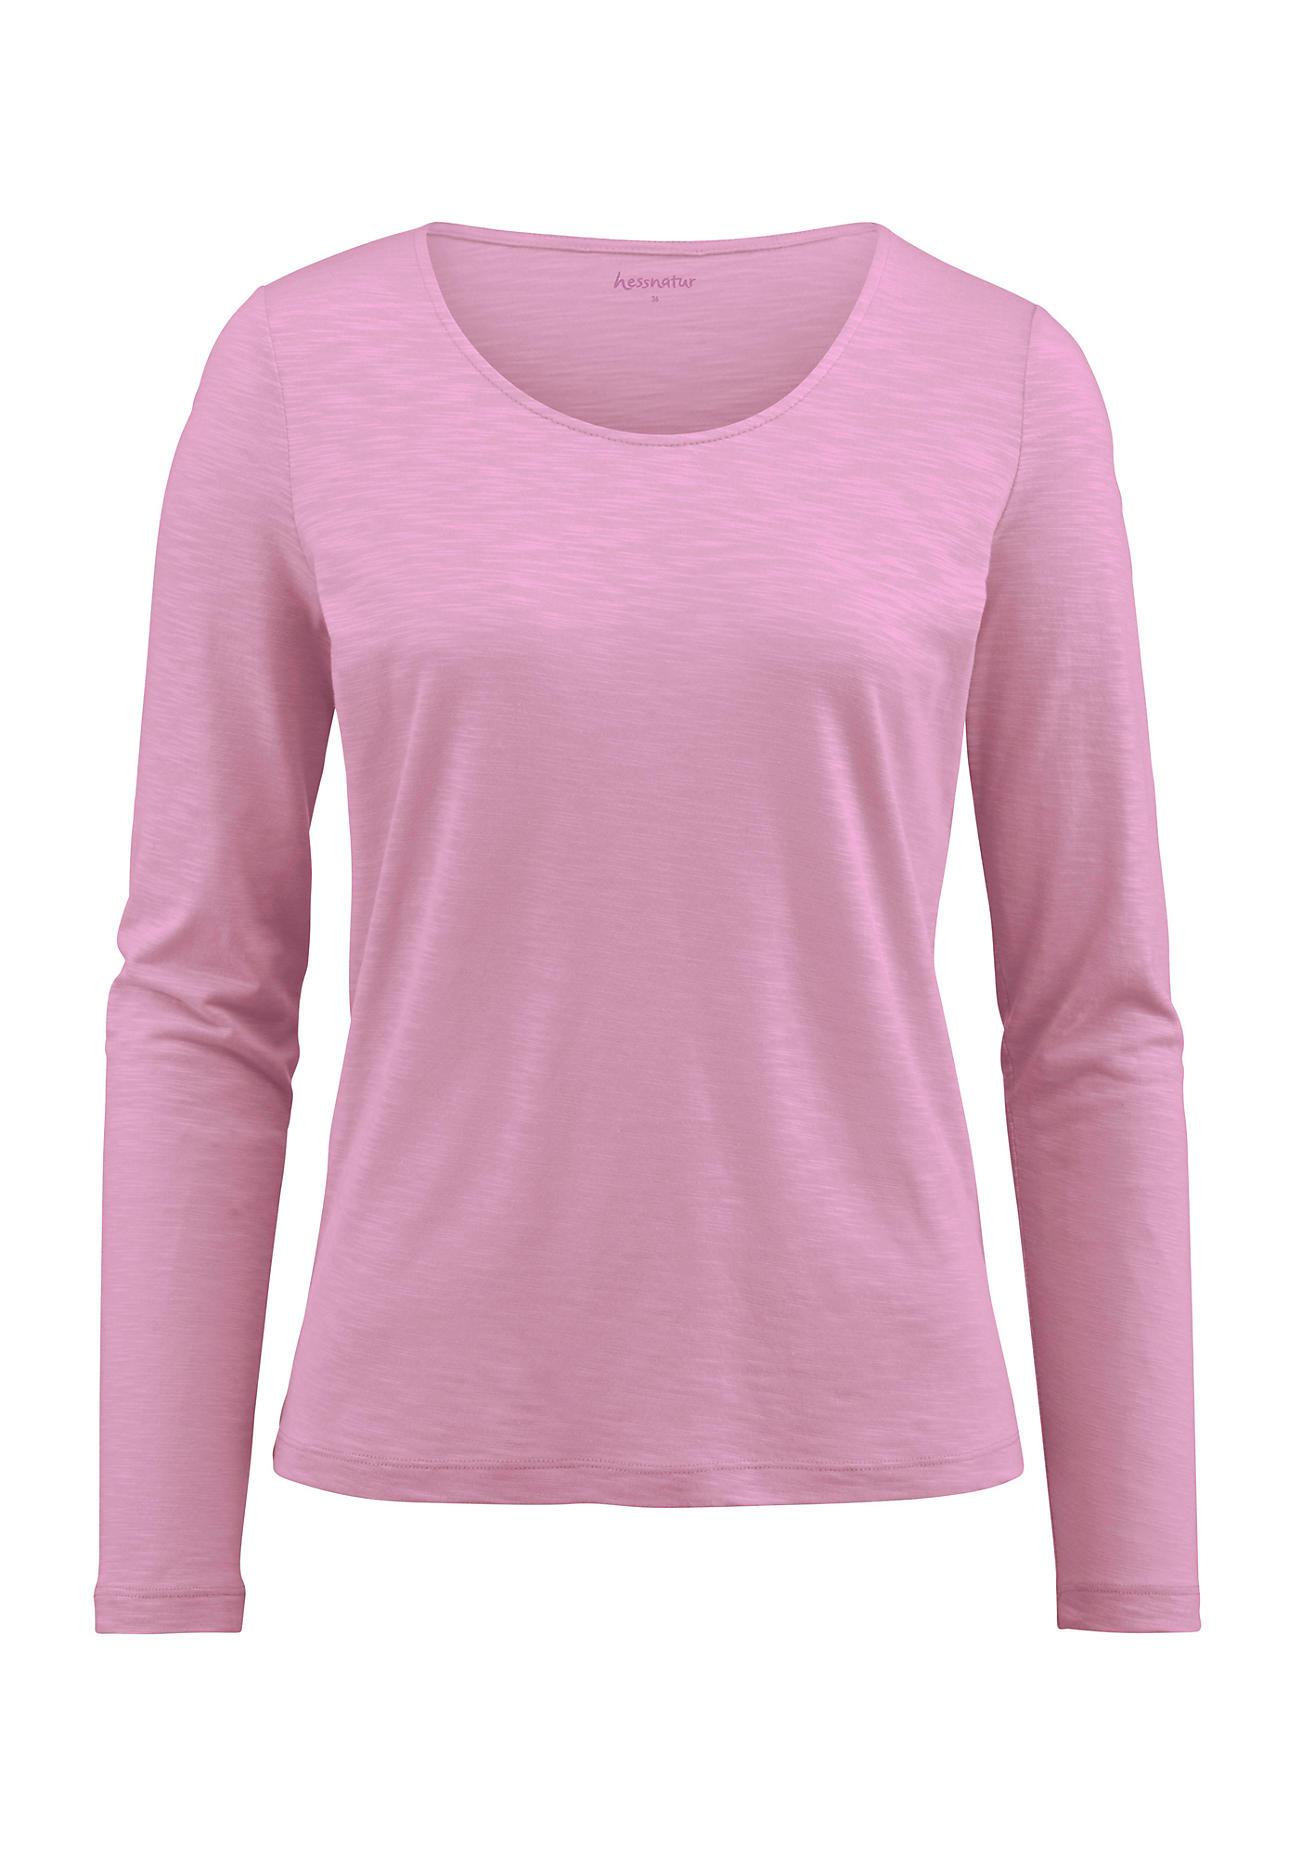 hessnatur Damen Shirt aus Bio Baumwolle und Modal – rosa – Größe 38